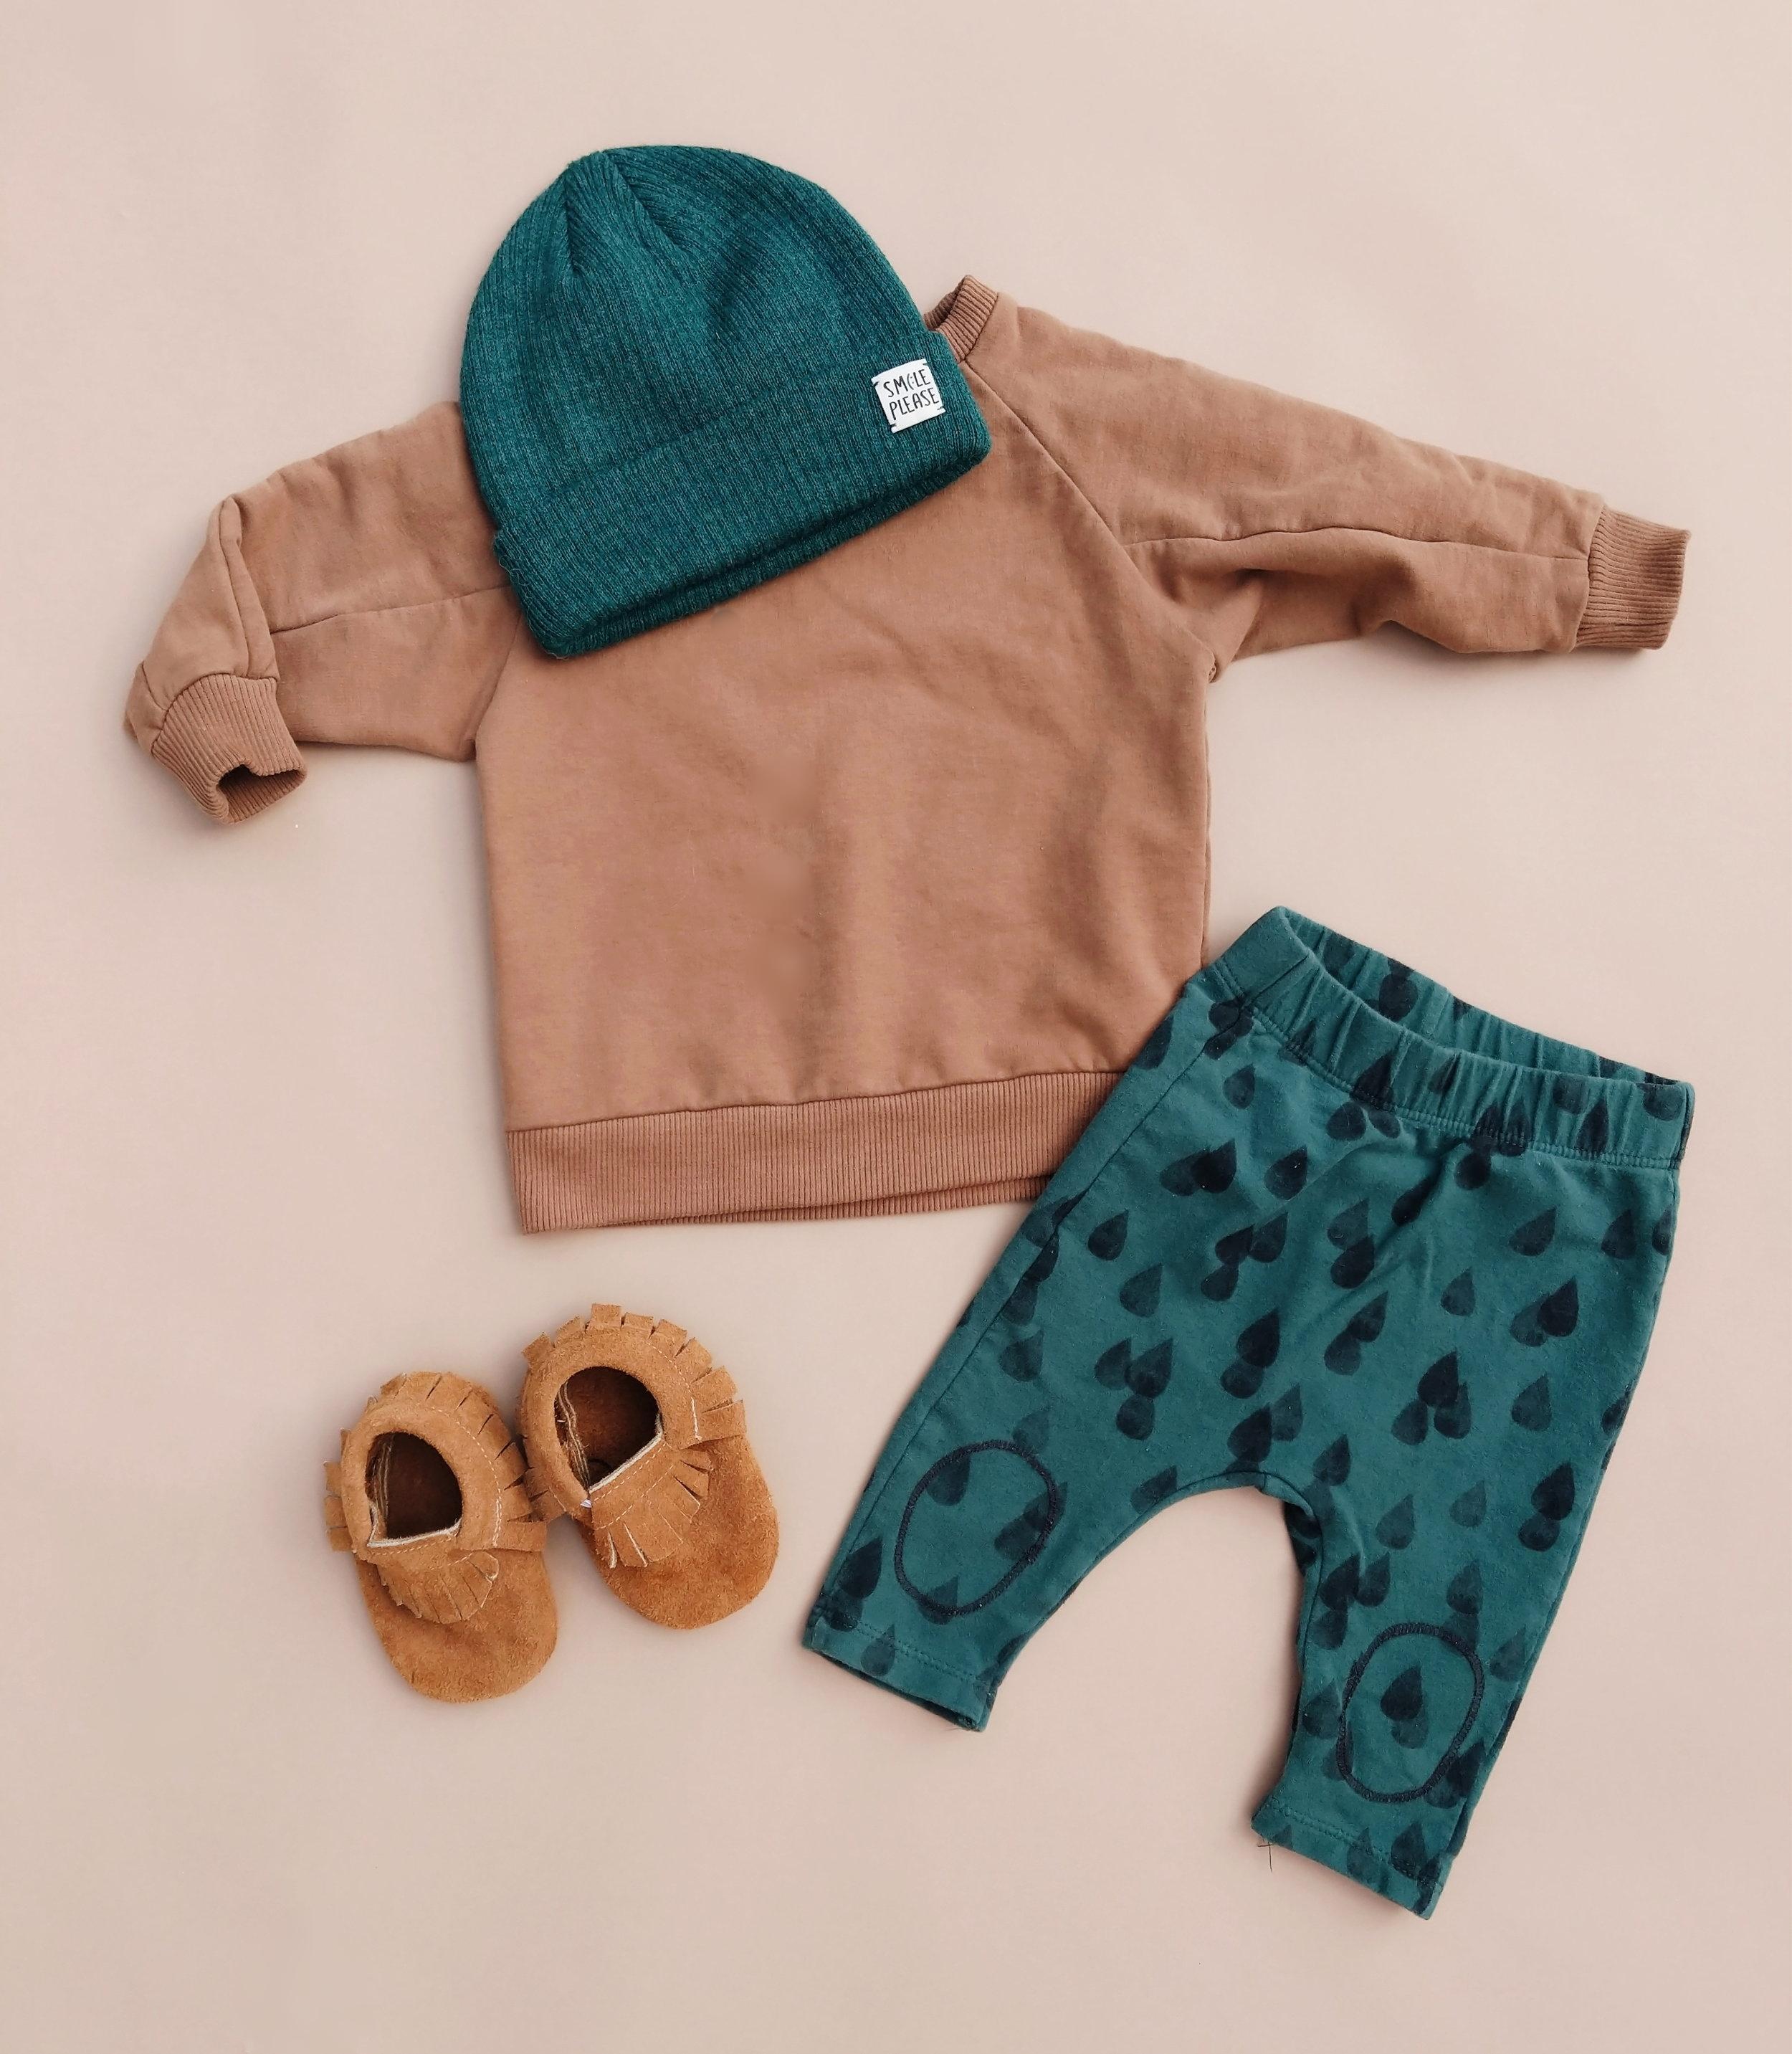 Hip-Baby-Boy-Clothes-04.jpg